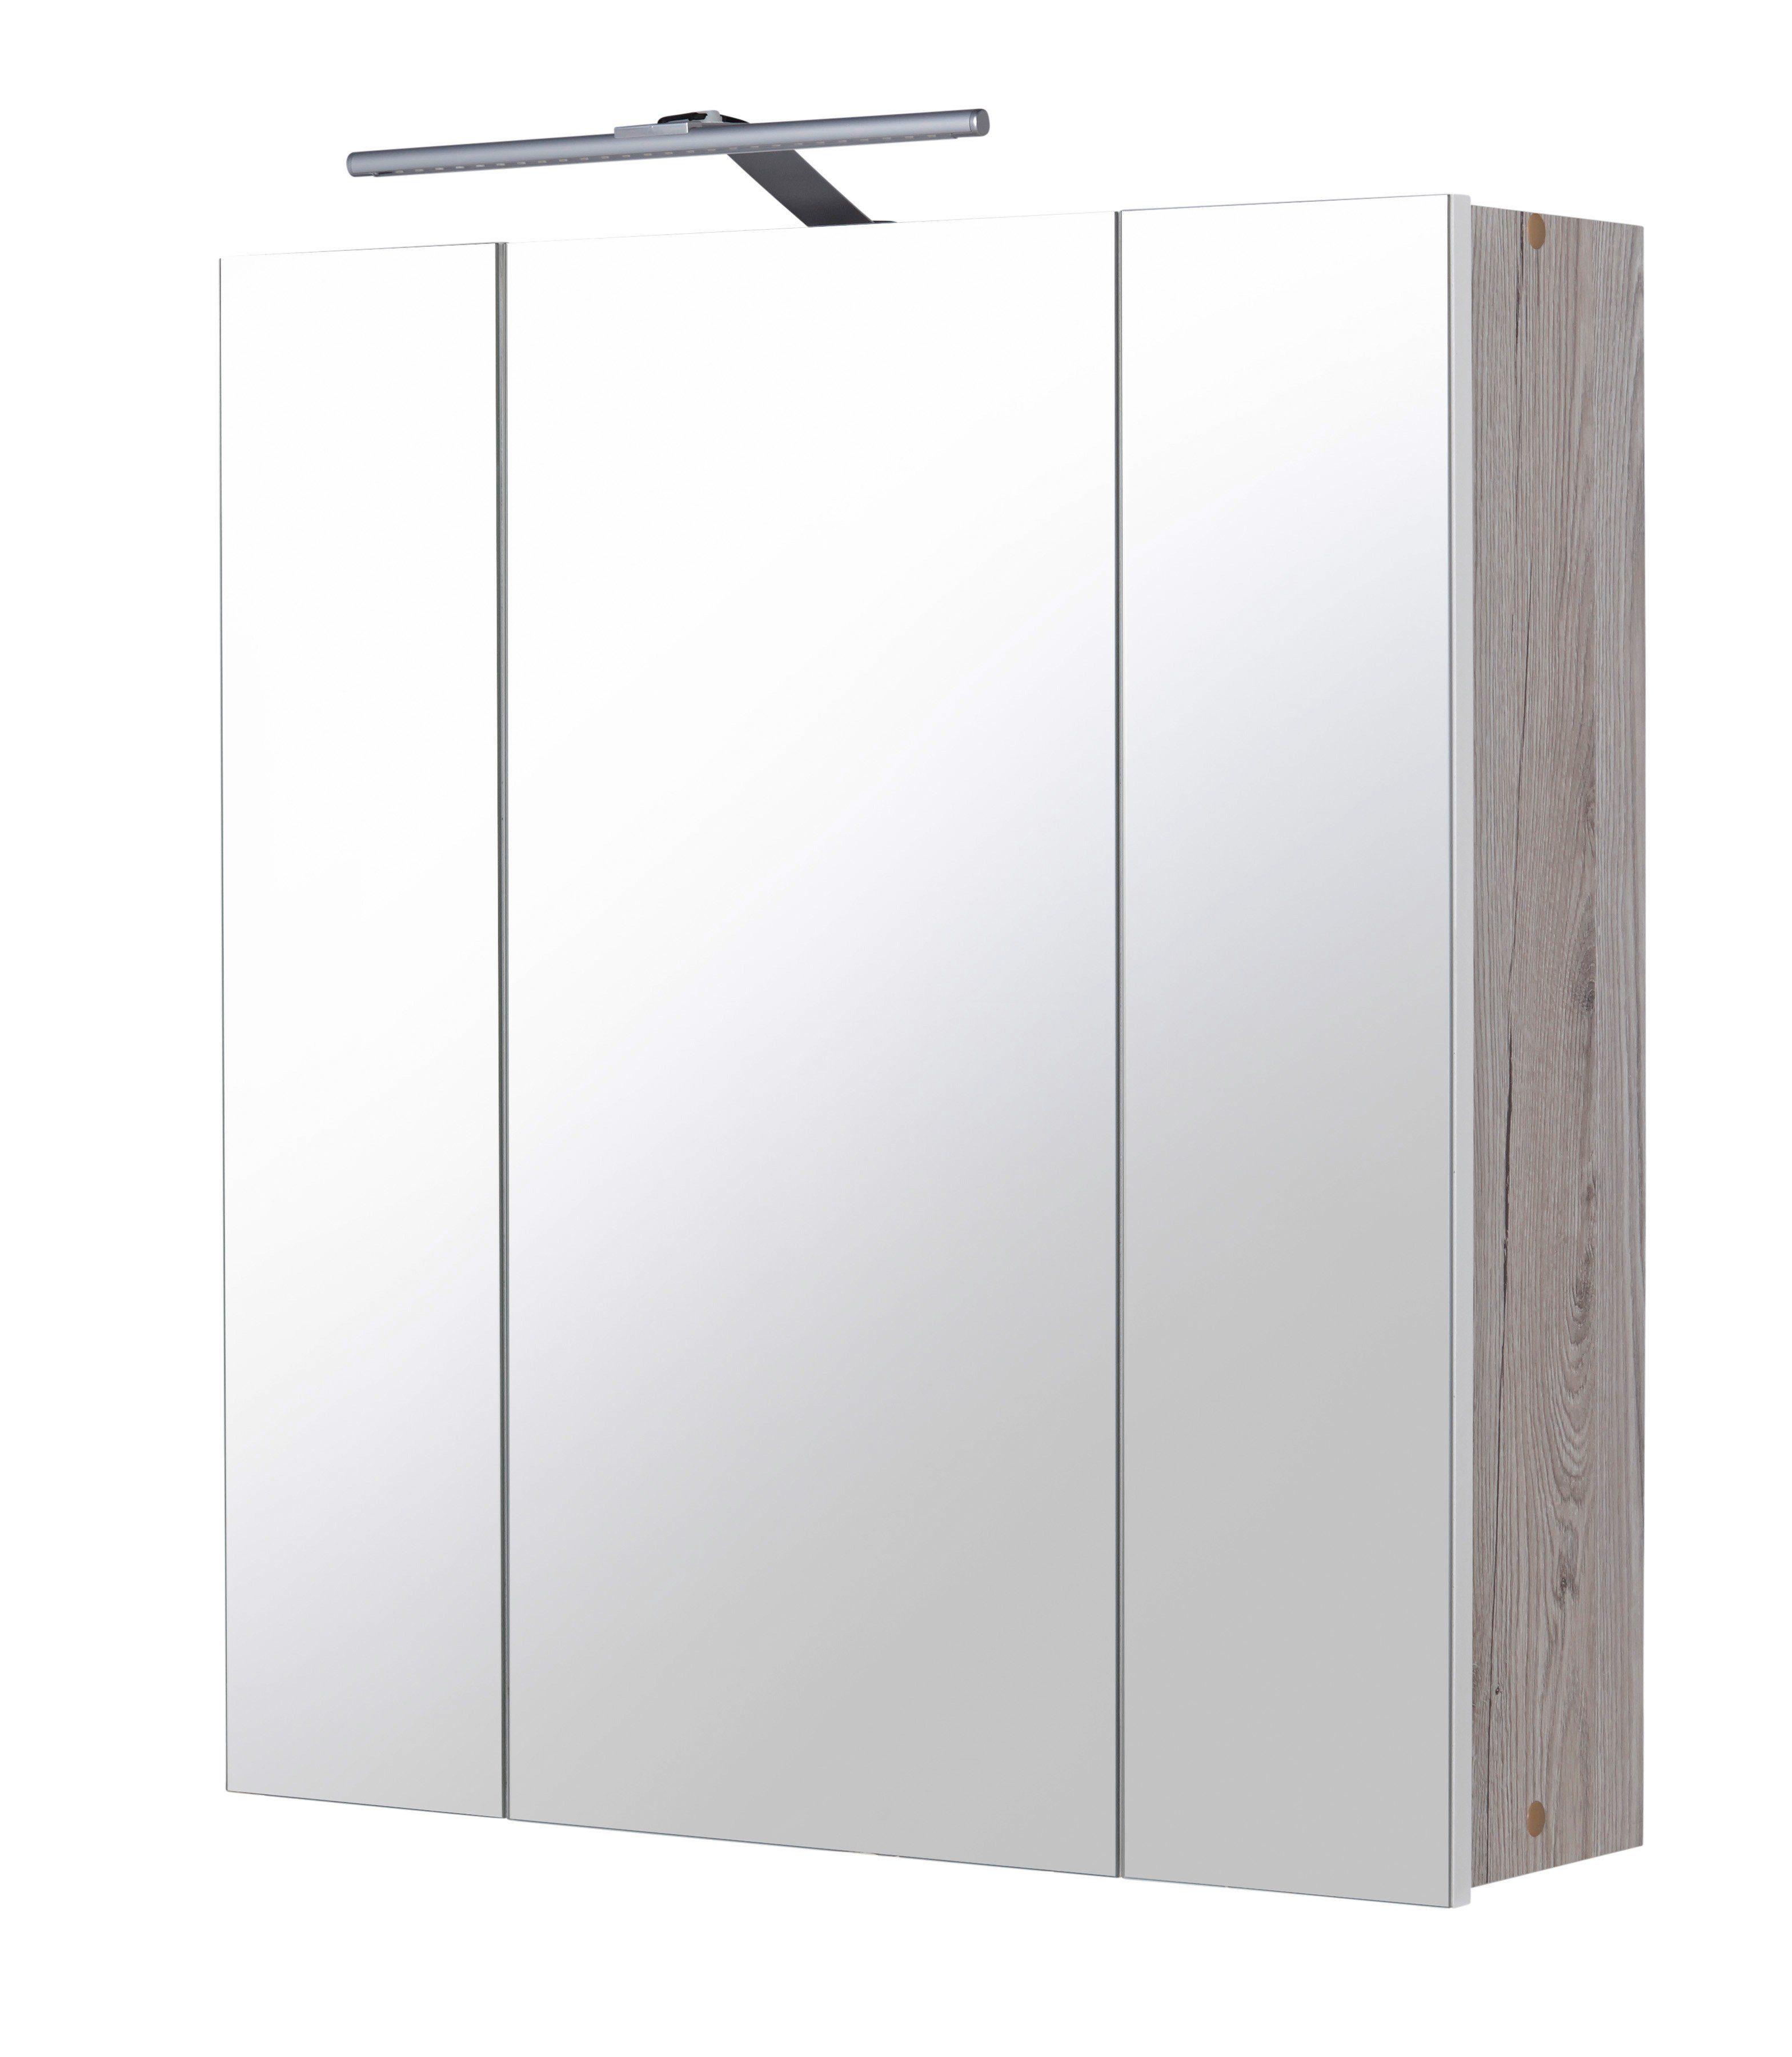 Spiegelschrank »New York« Breite 60 cm, mit LED-Beleuchtung